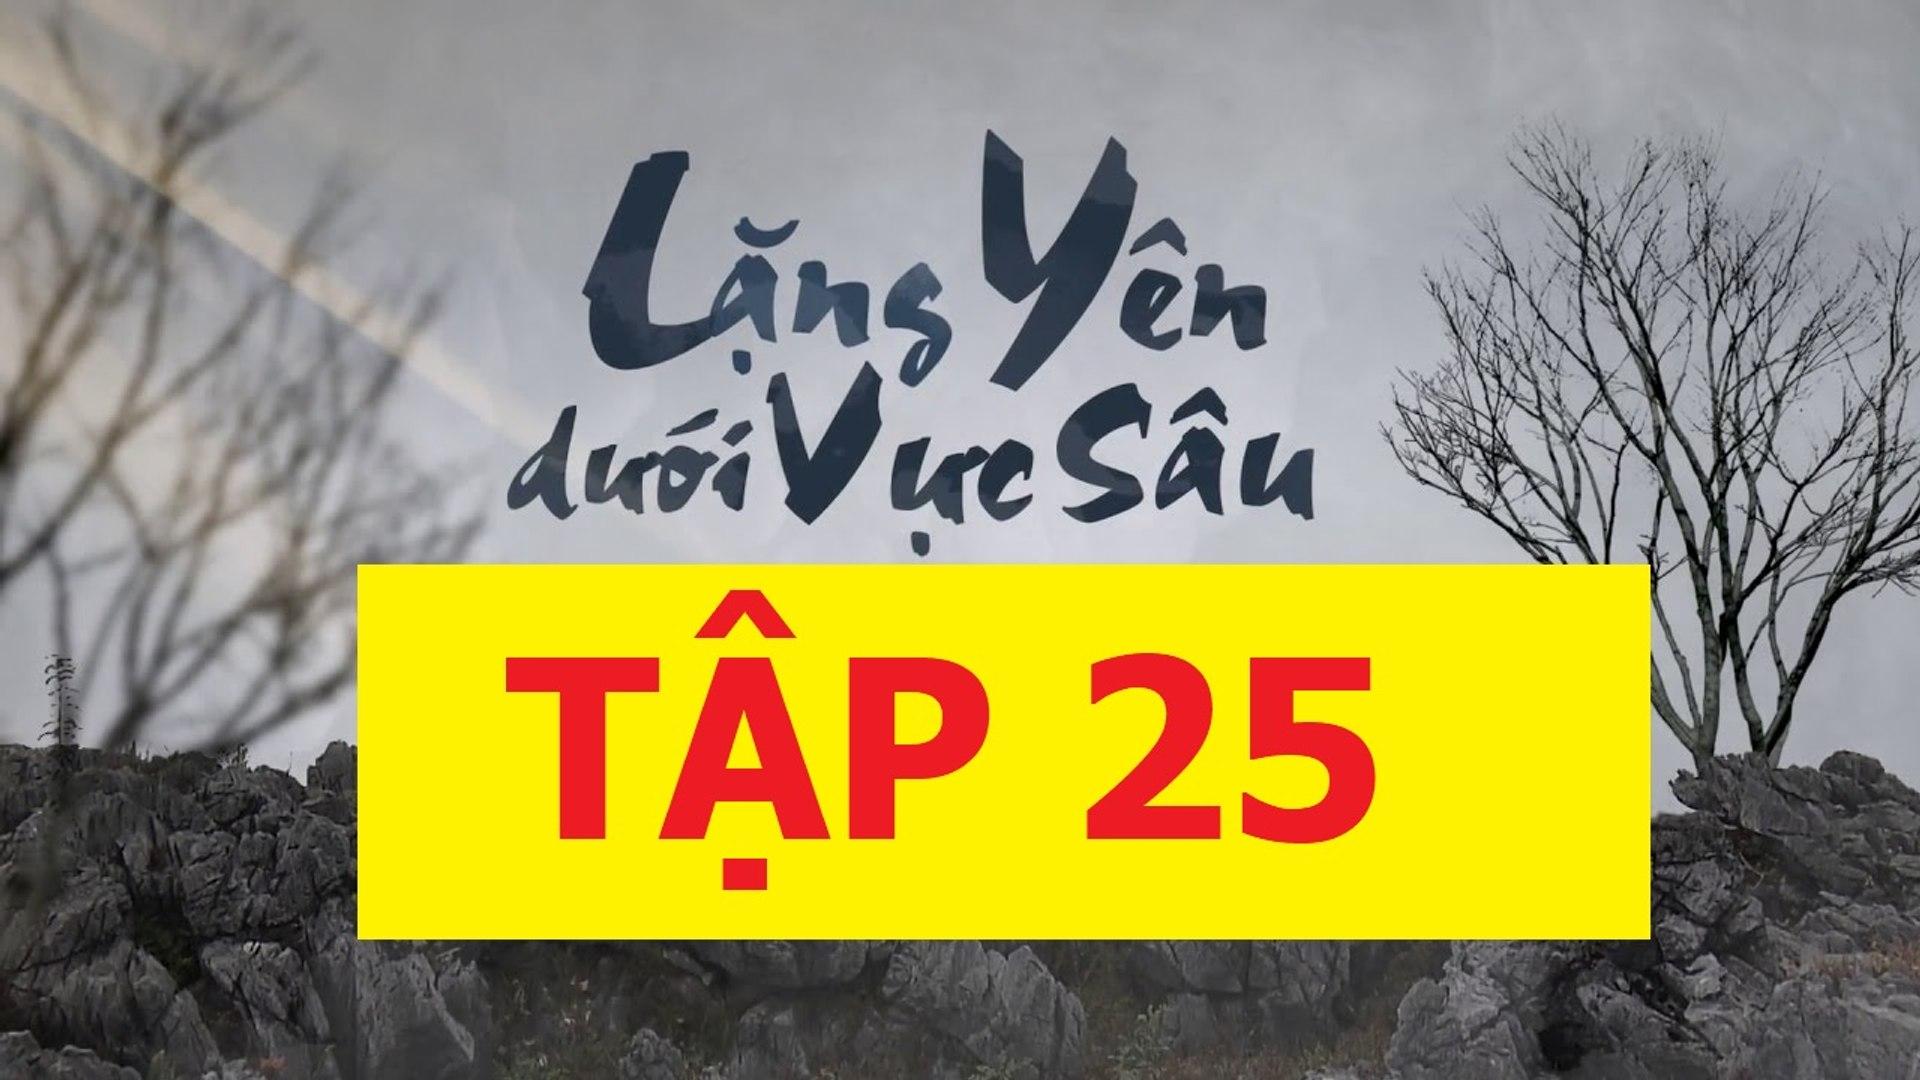 Lặng yên dưới vực sâu Tập 25 Full VTV3 - Lang yen duoi vuc sau tap 25